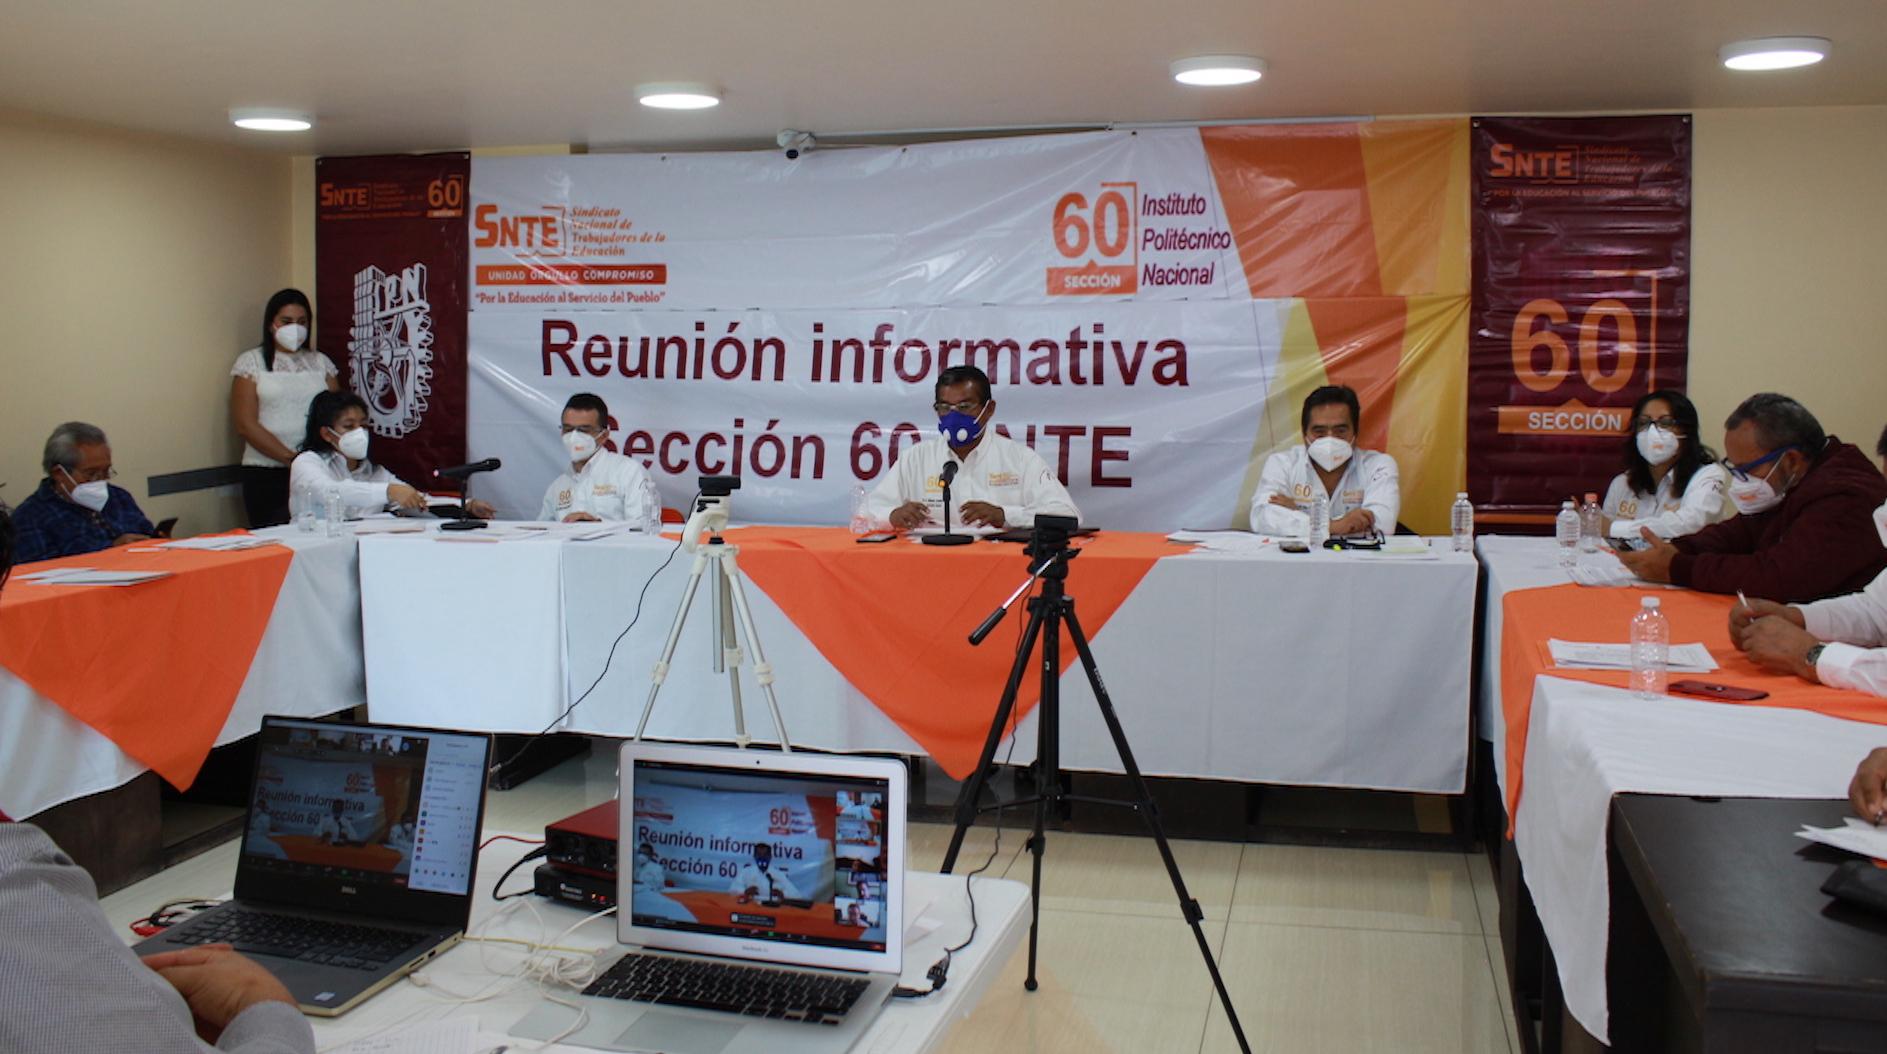 Reunión informativa Convocatorias 2020, Sección 60 del SNTE